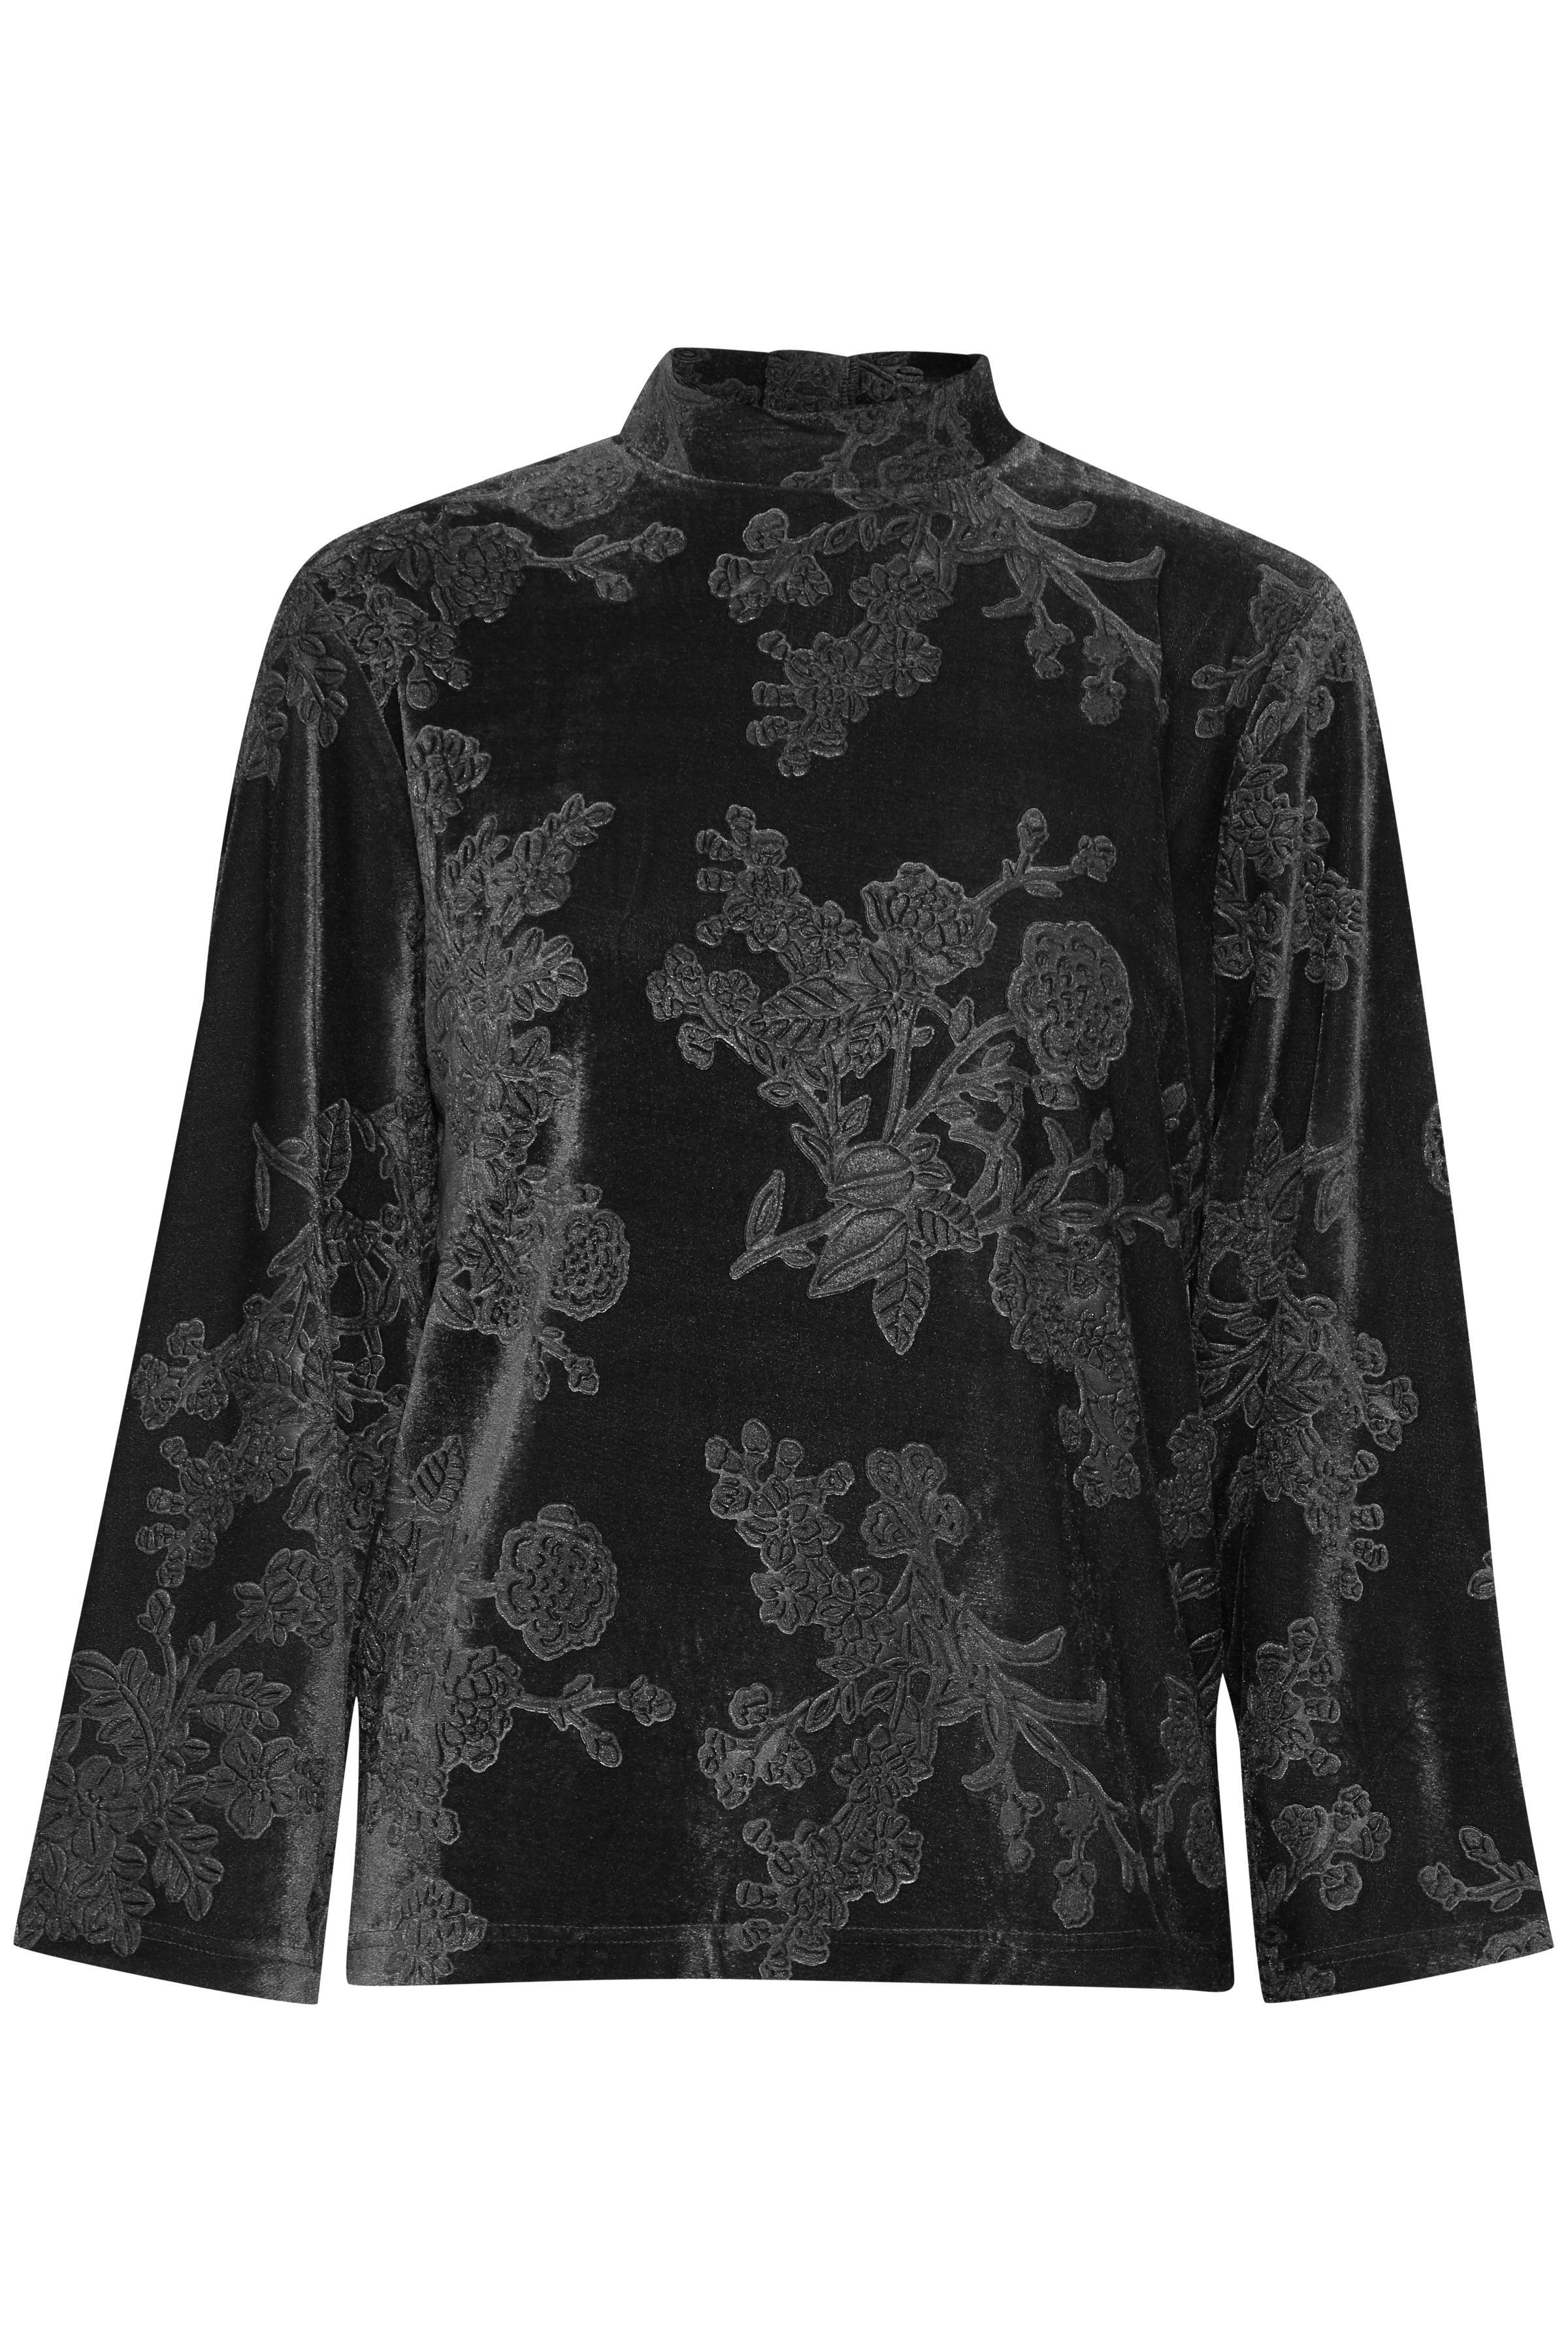 Black Langærmet bluse fra b.young – Køb Black Langærmet bluse fra str. XS-XXL her